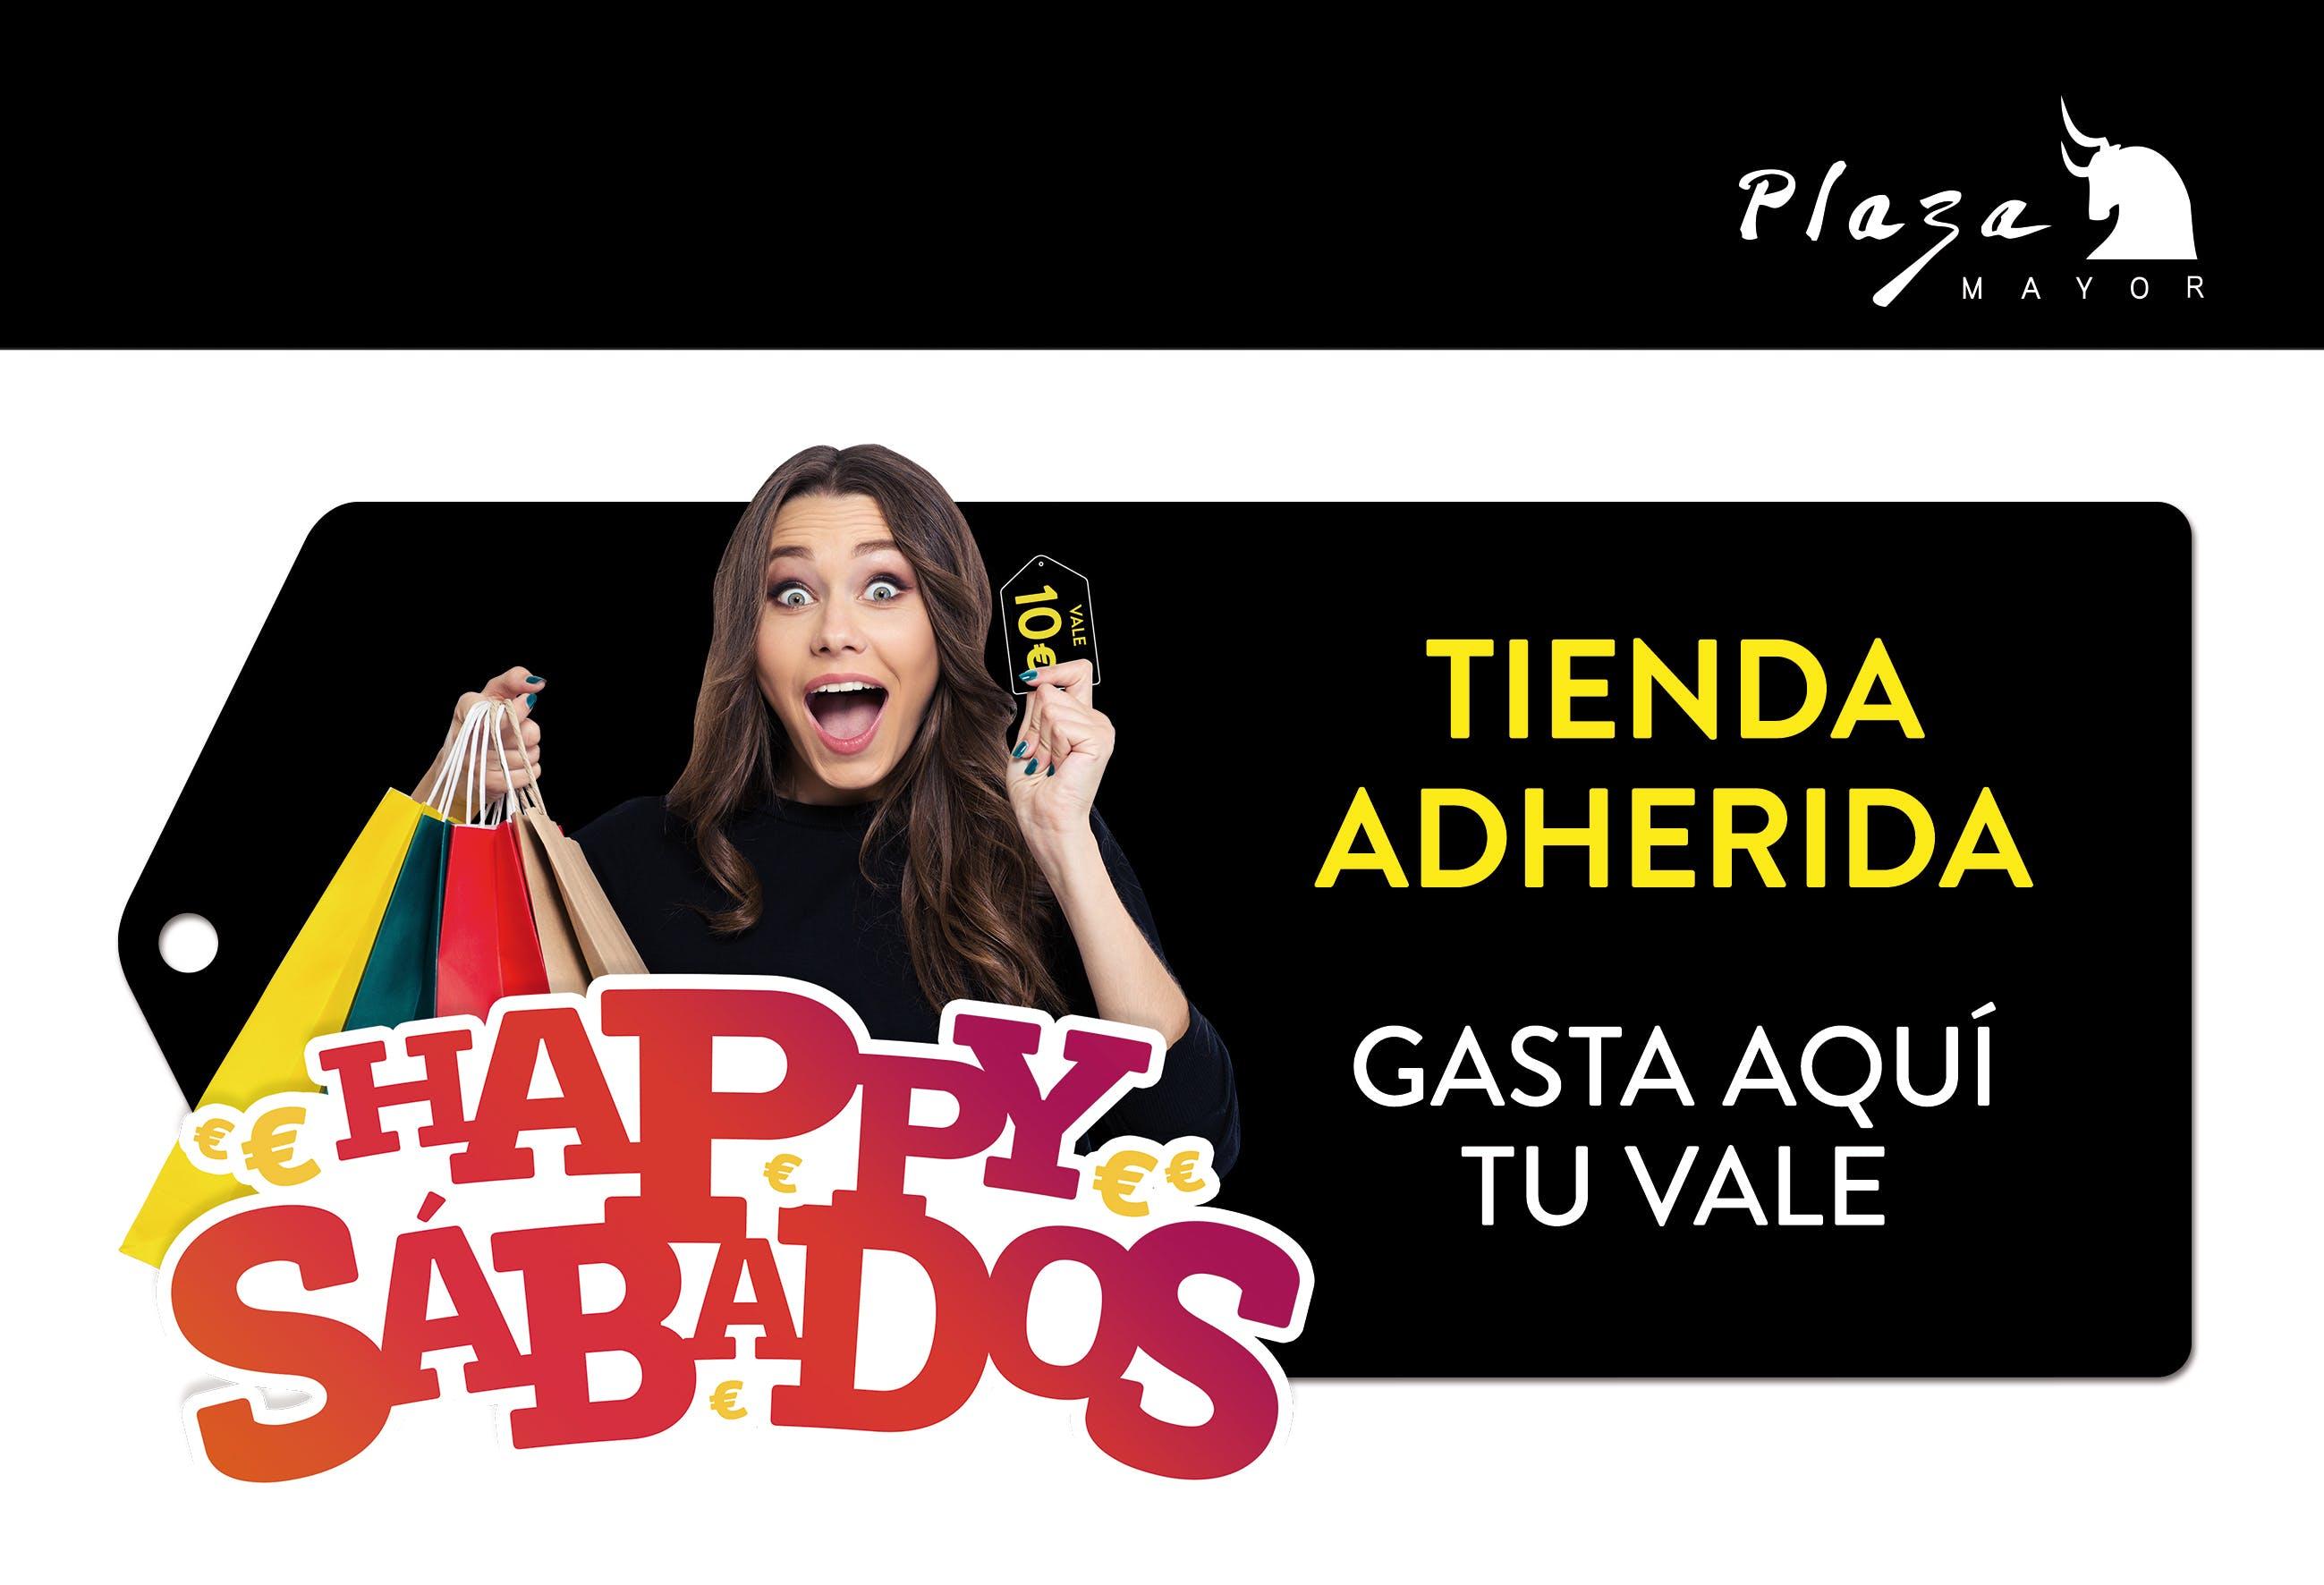 Vinilo de promoción Happy Sábados en Plaza Mayor